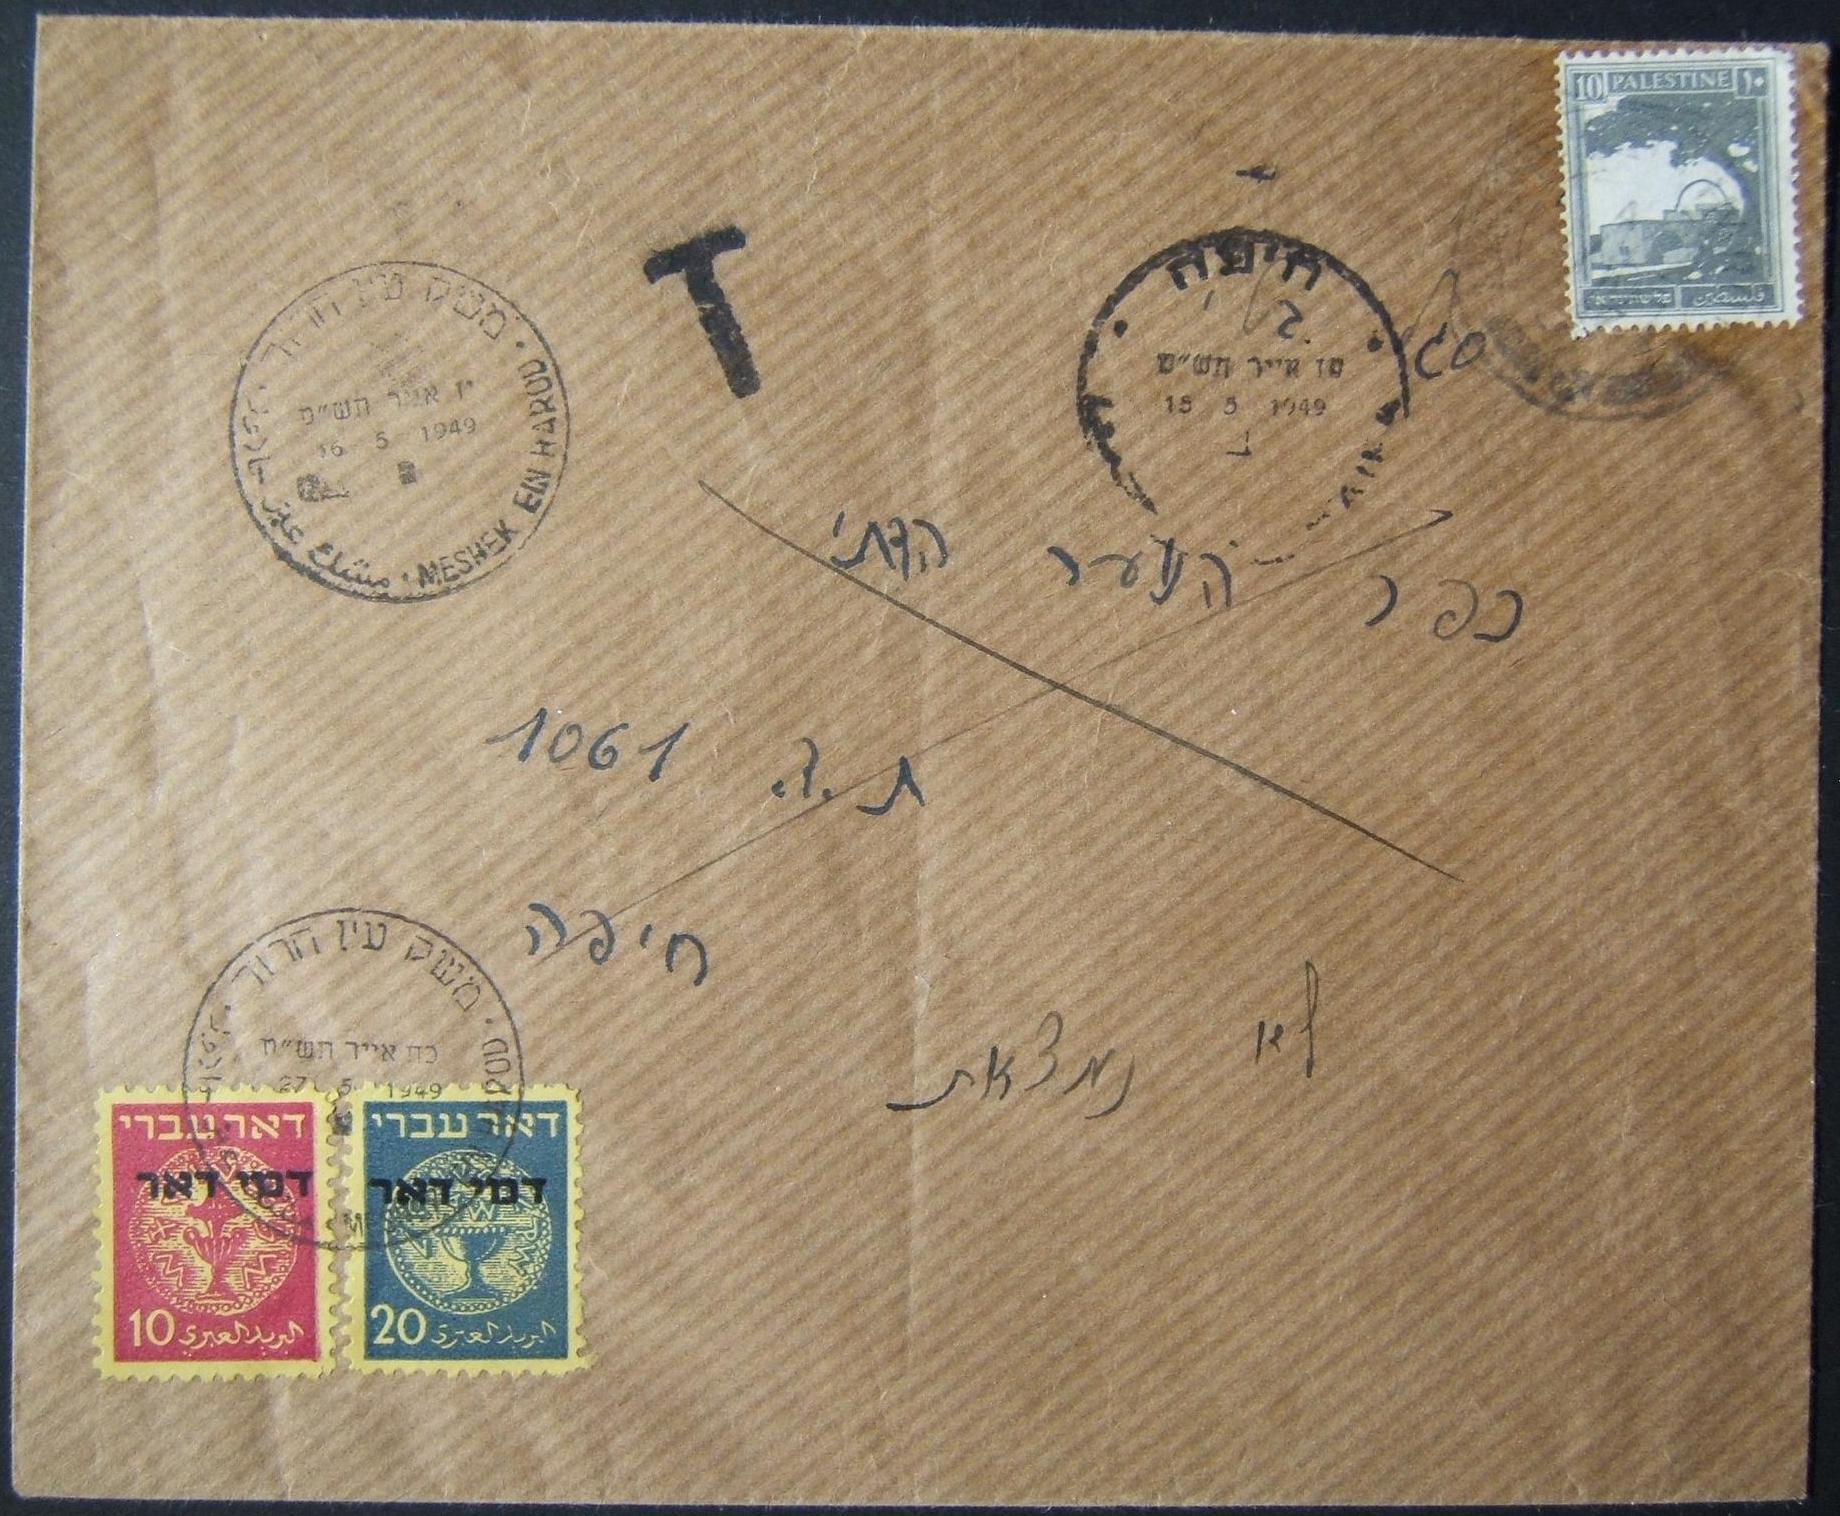 1947/49 דואר עיכוב המלחמה מעין חרוד לחיפה במס 2 שנים מאוחר יותר עבור פרנק לא תקף